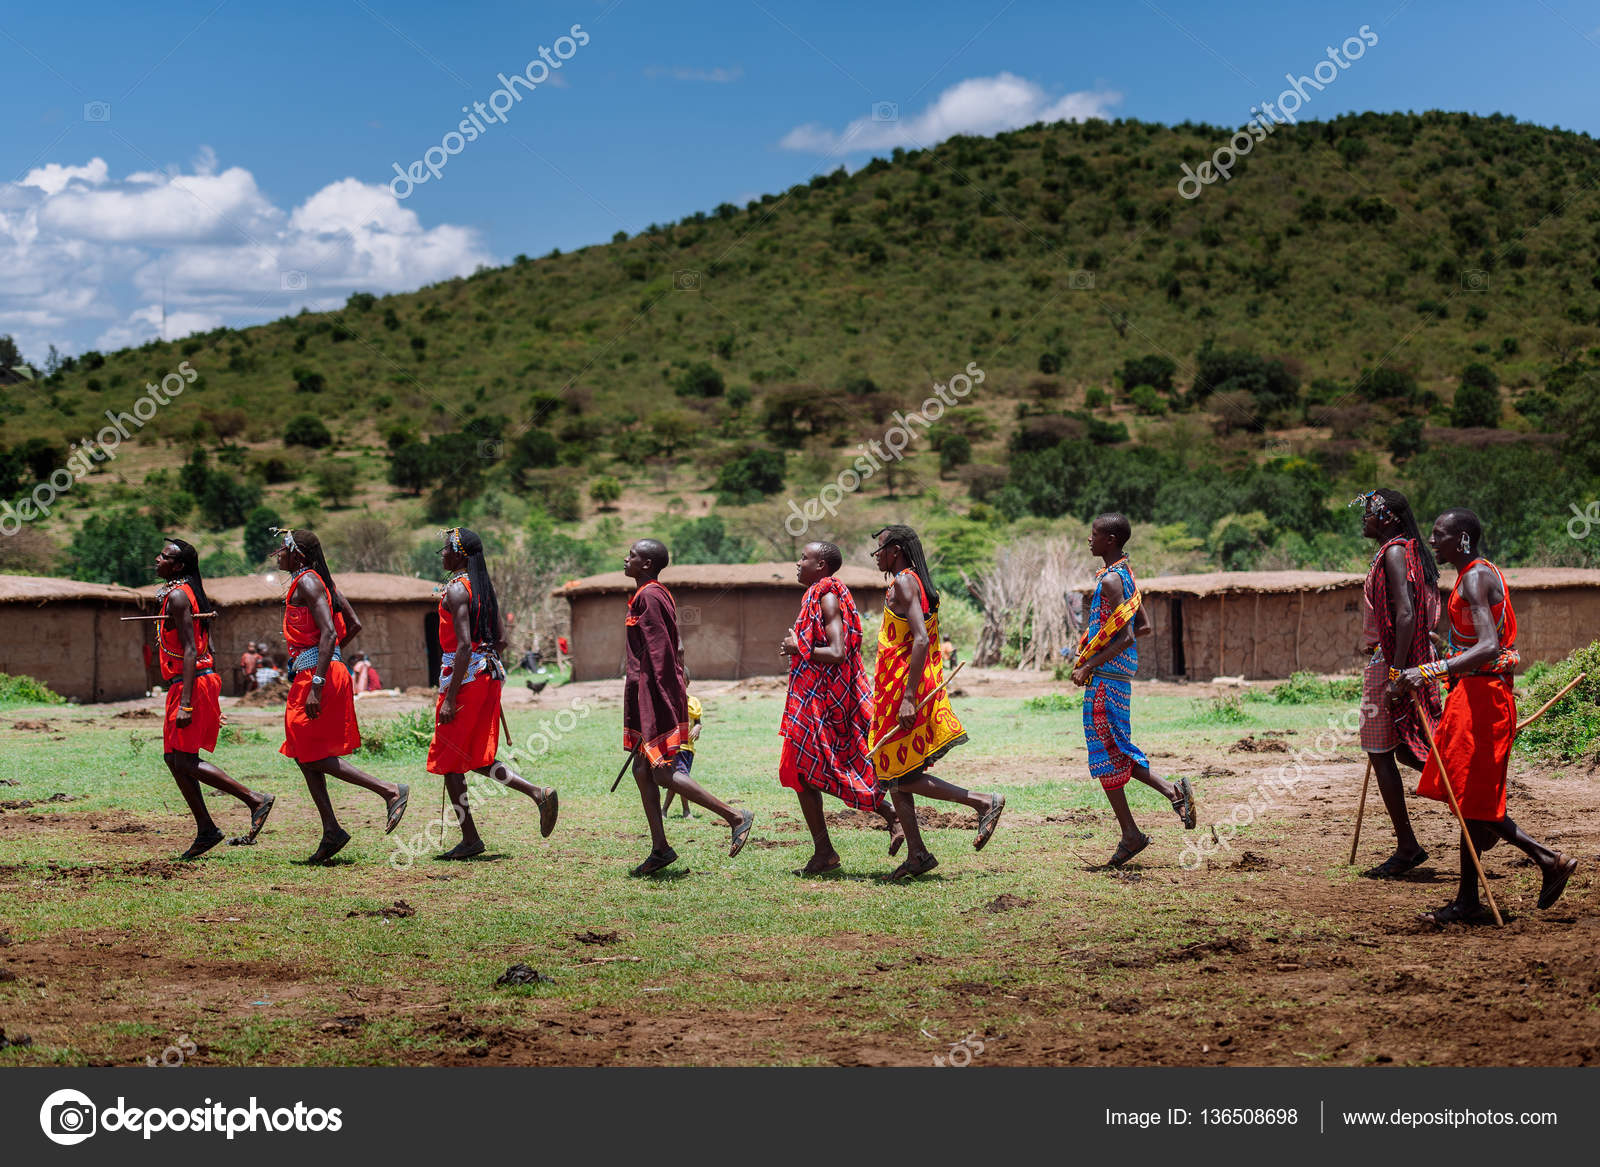 ebut-afrikanskih-chlenov-foto